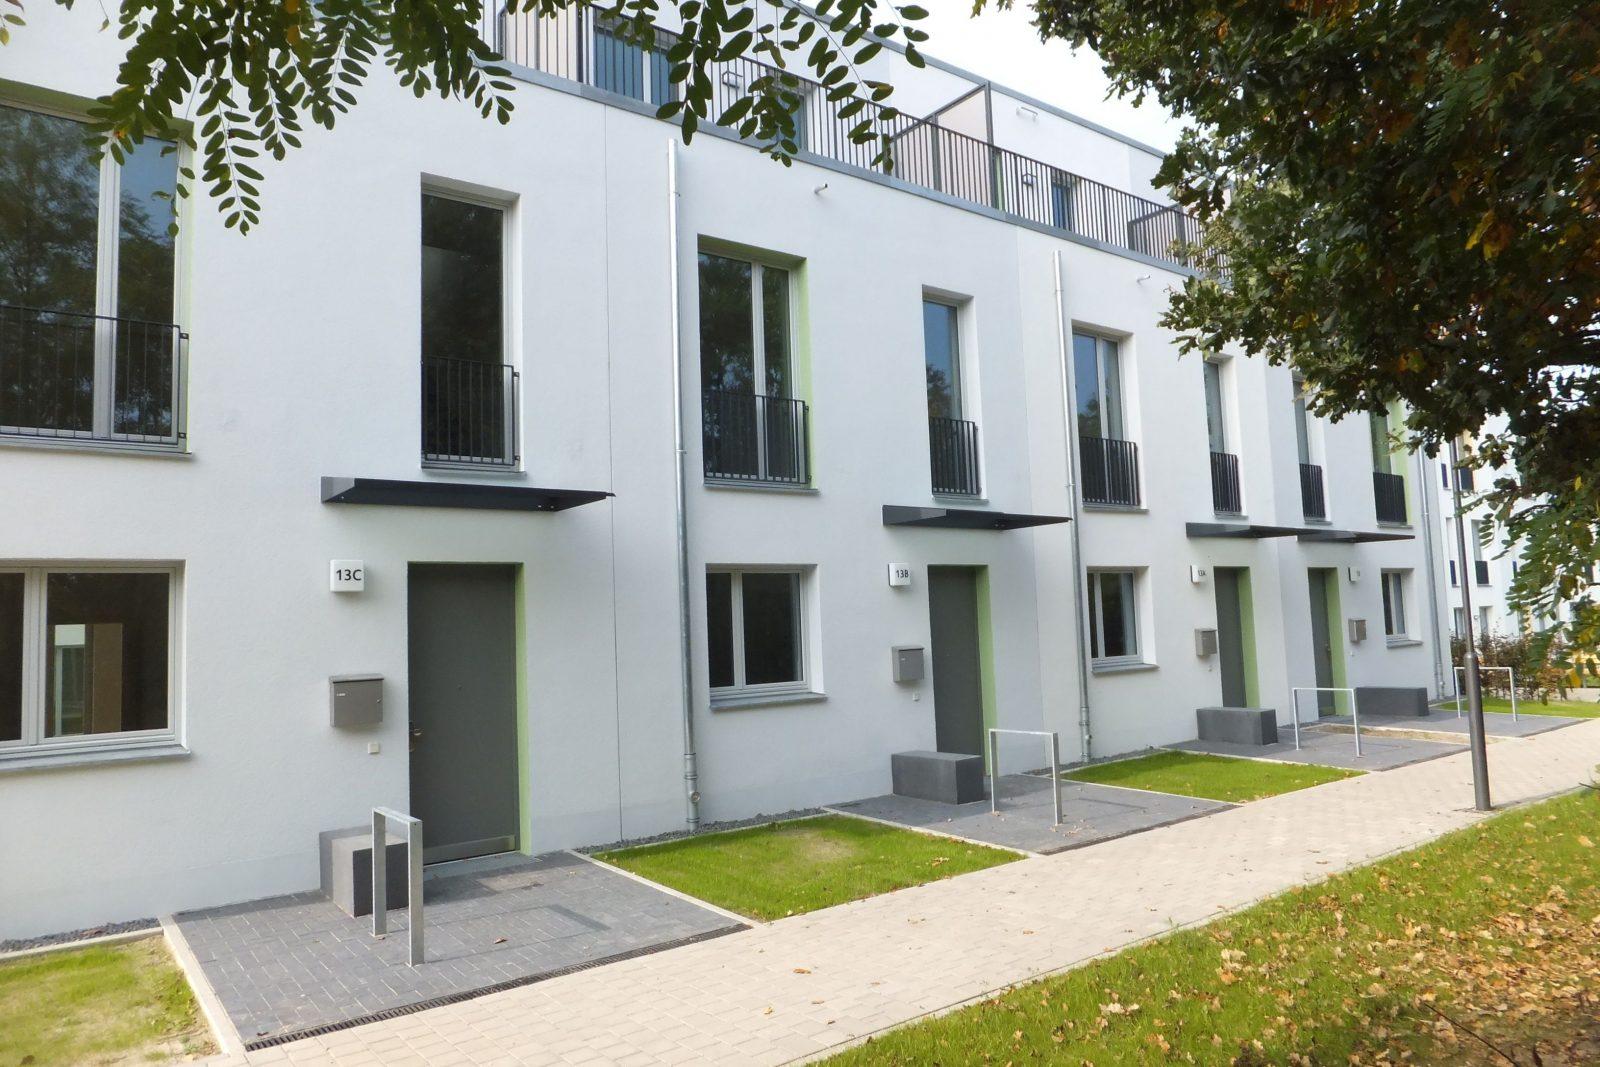 Zweiter Bauabschnitt: Neubau Gartenstadt Falkenberg II